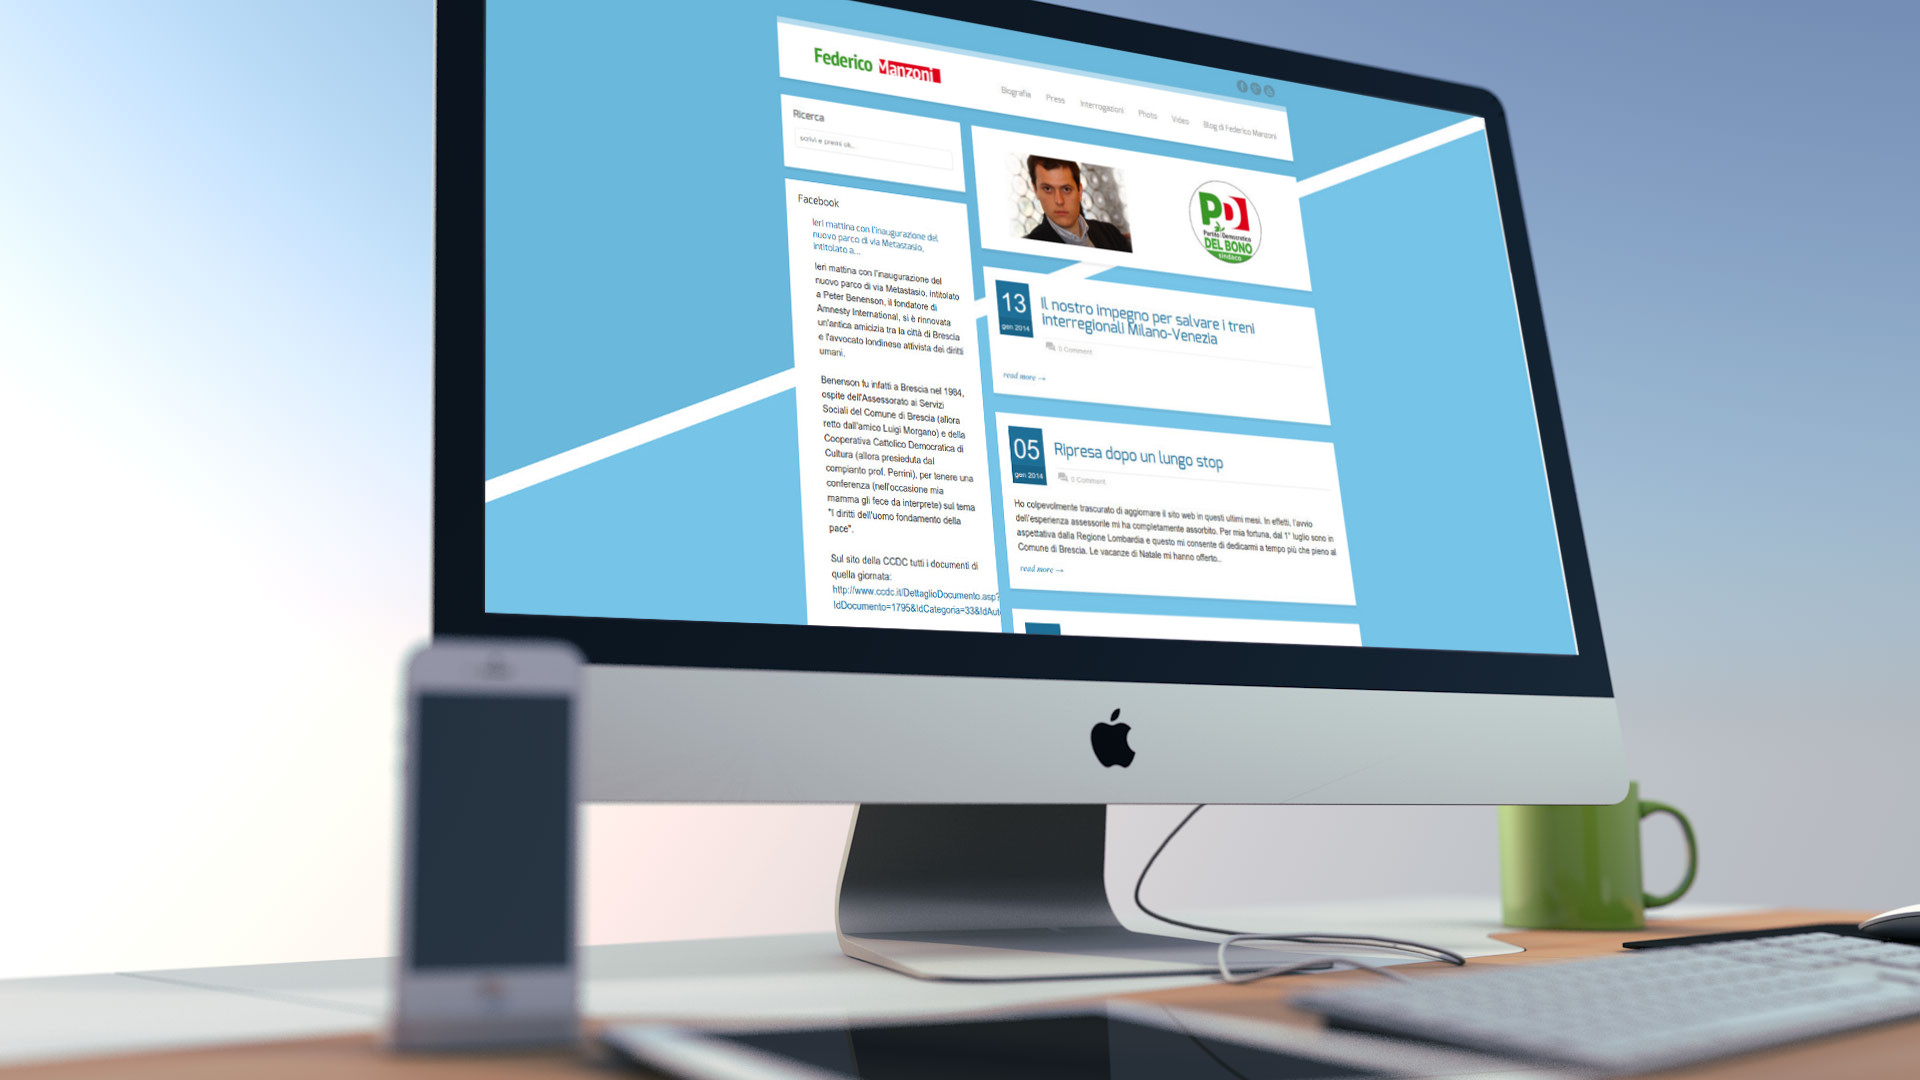 Realizzazione sito internet di Federico Manzoni